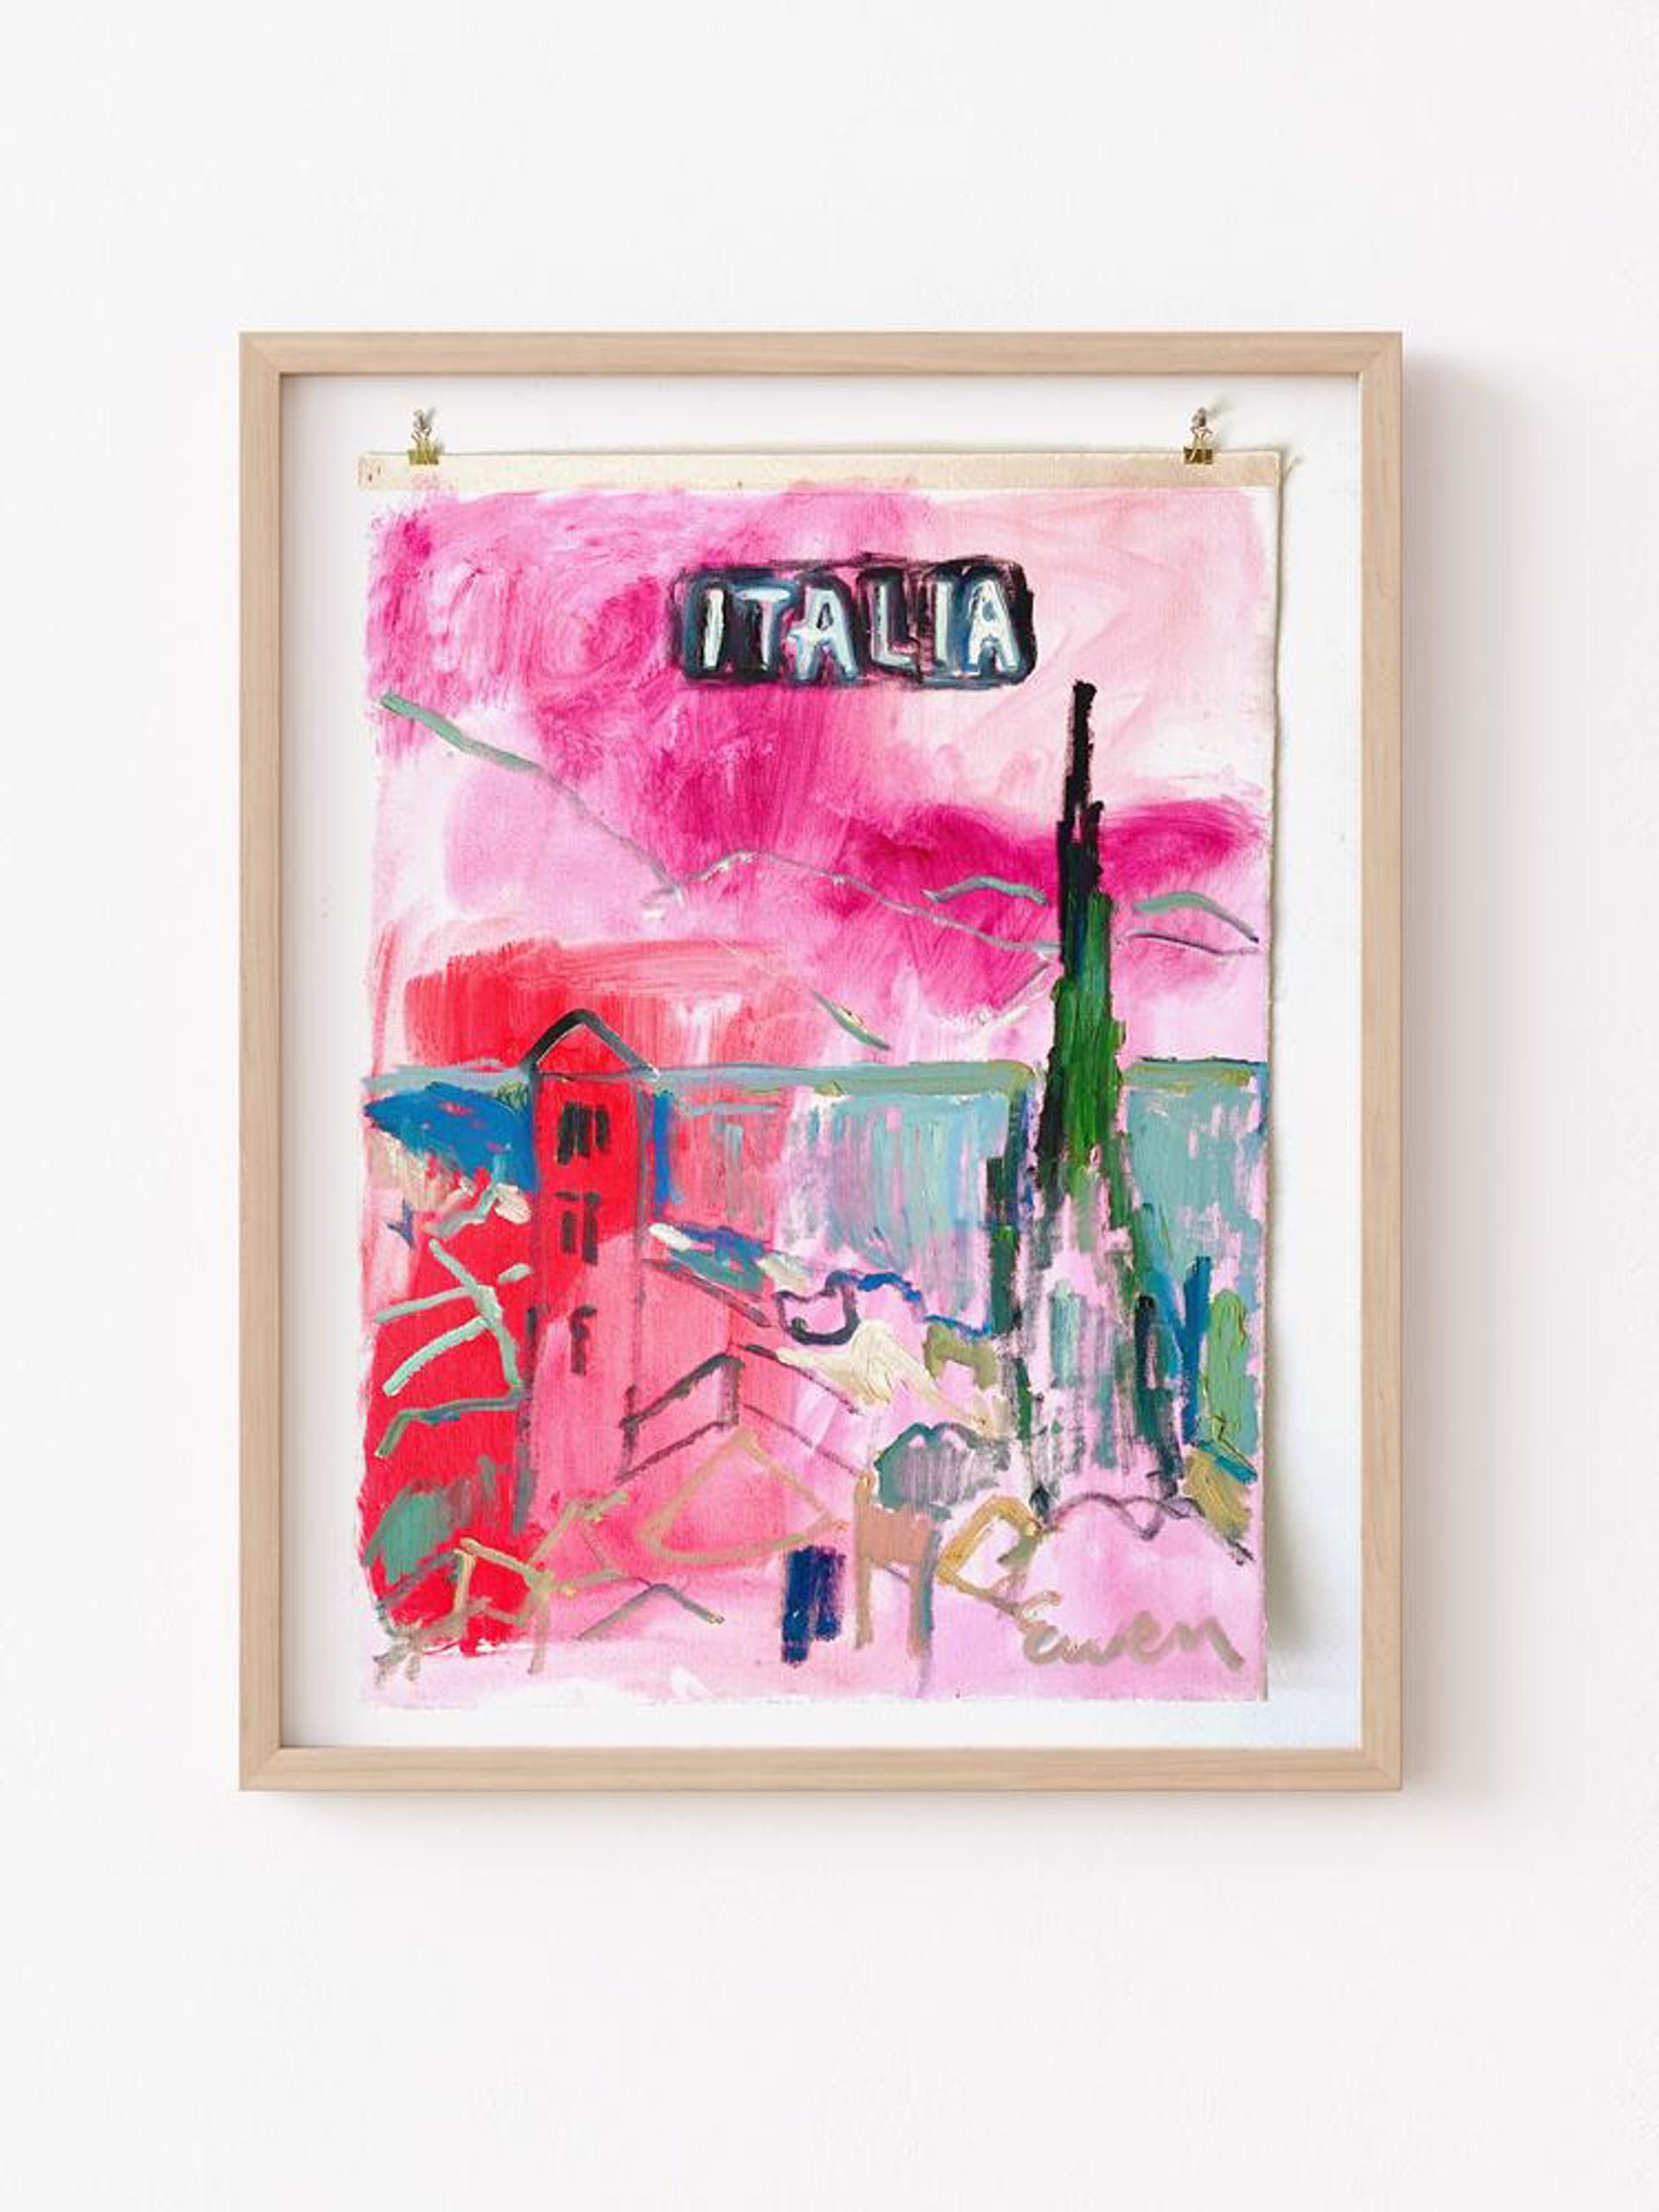 Italia by Anne-Louise Ewen